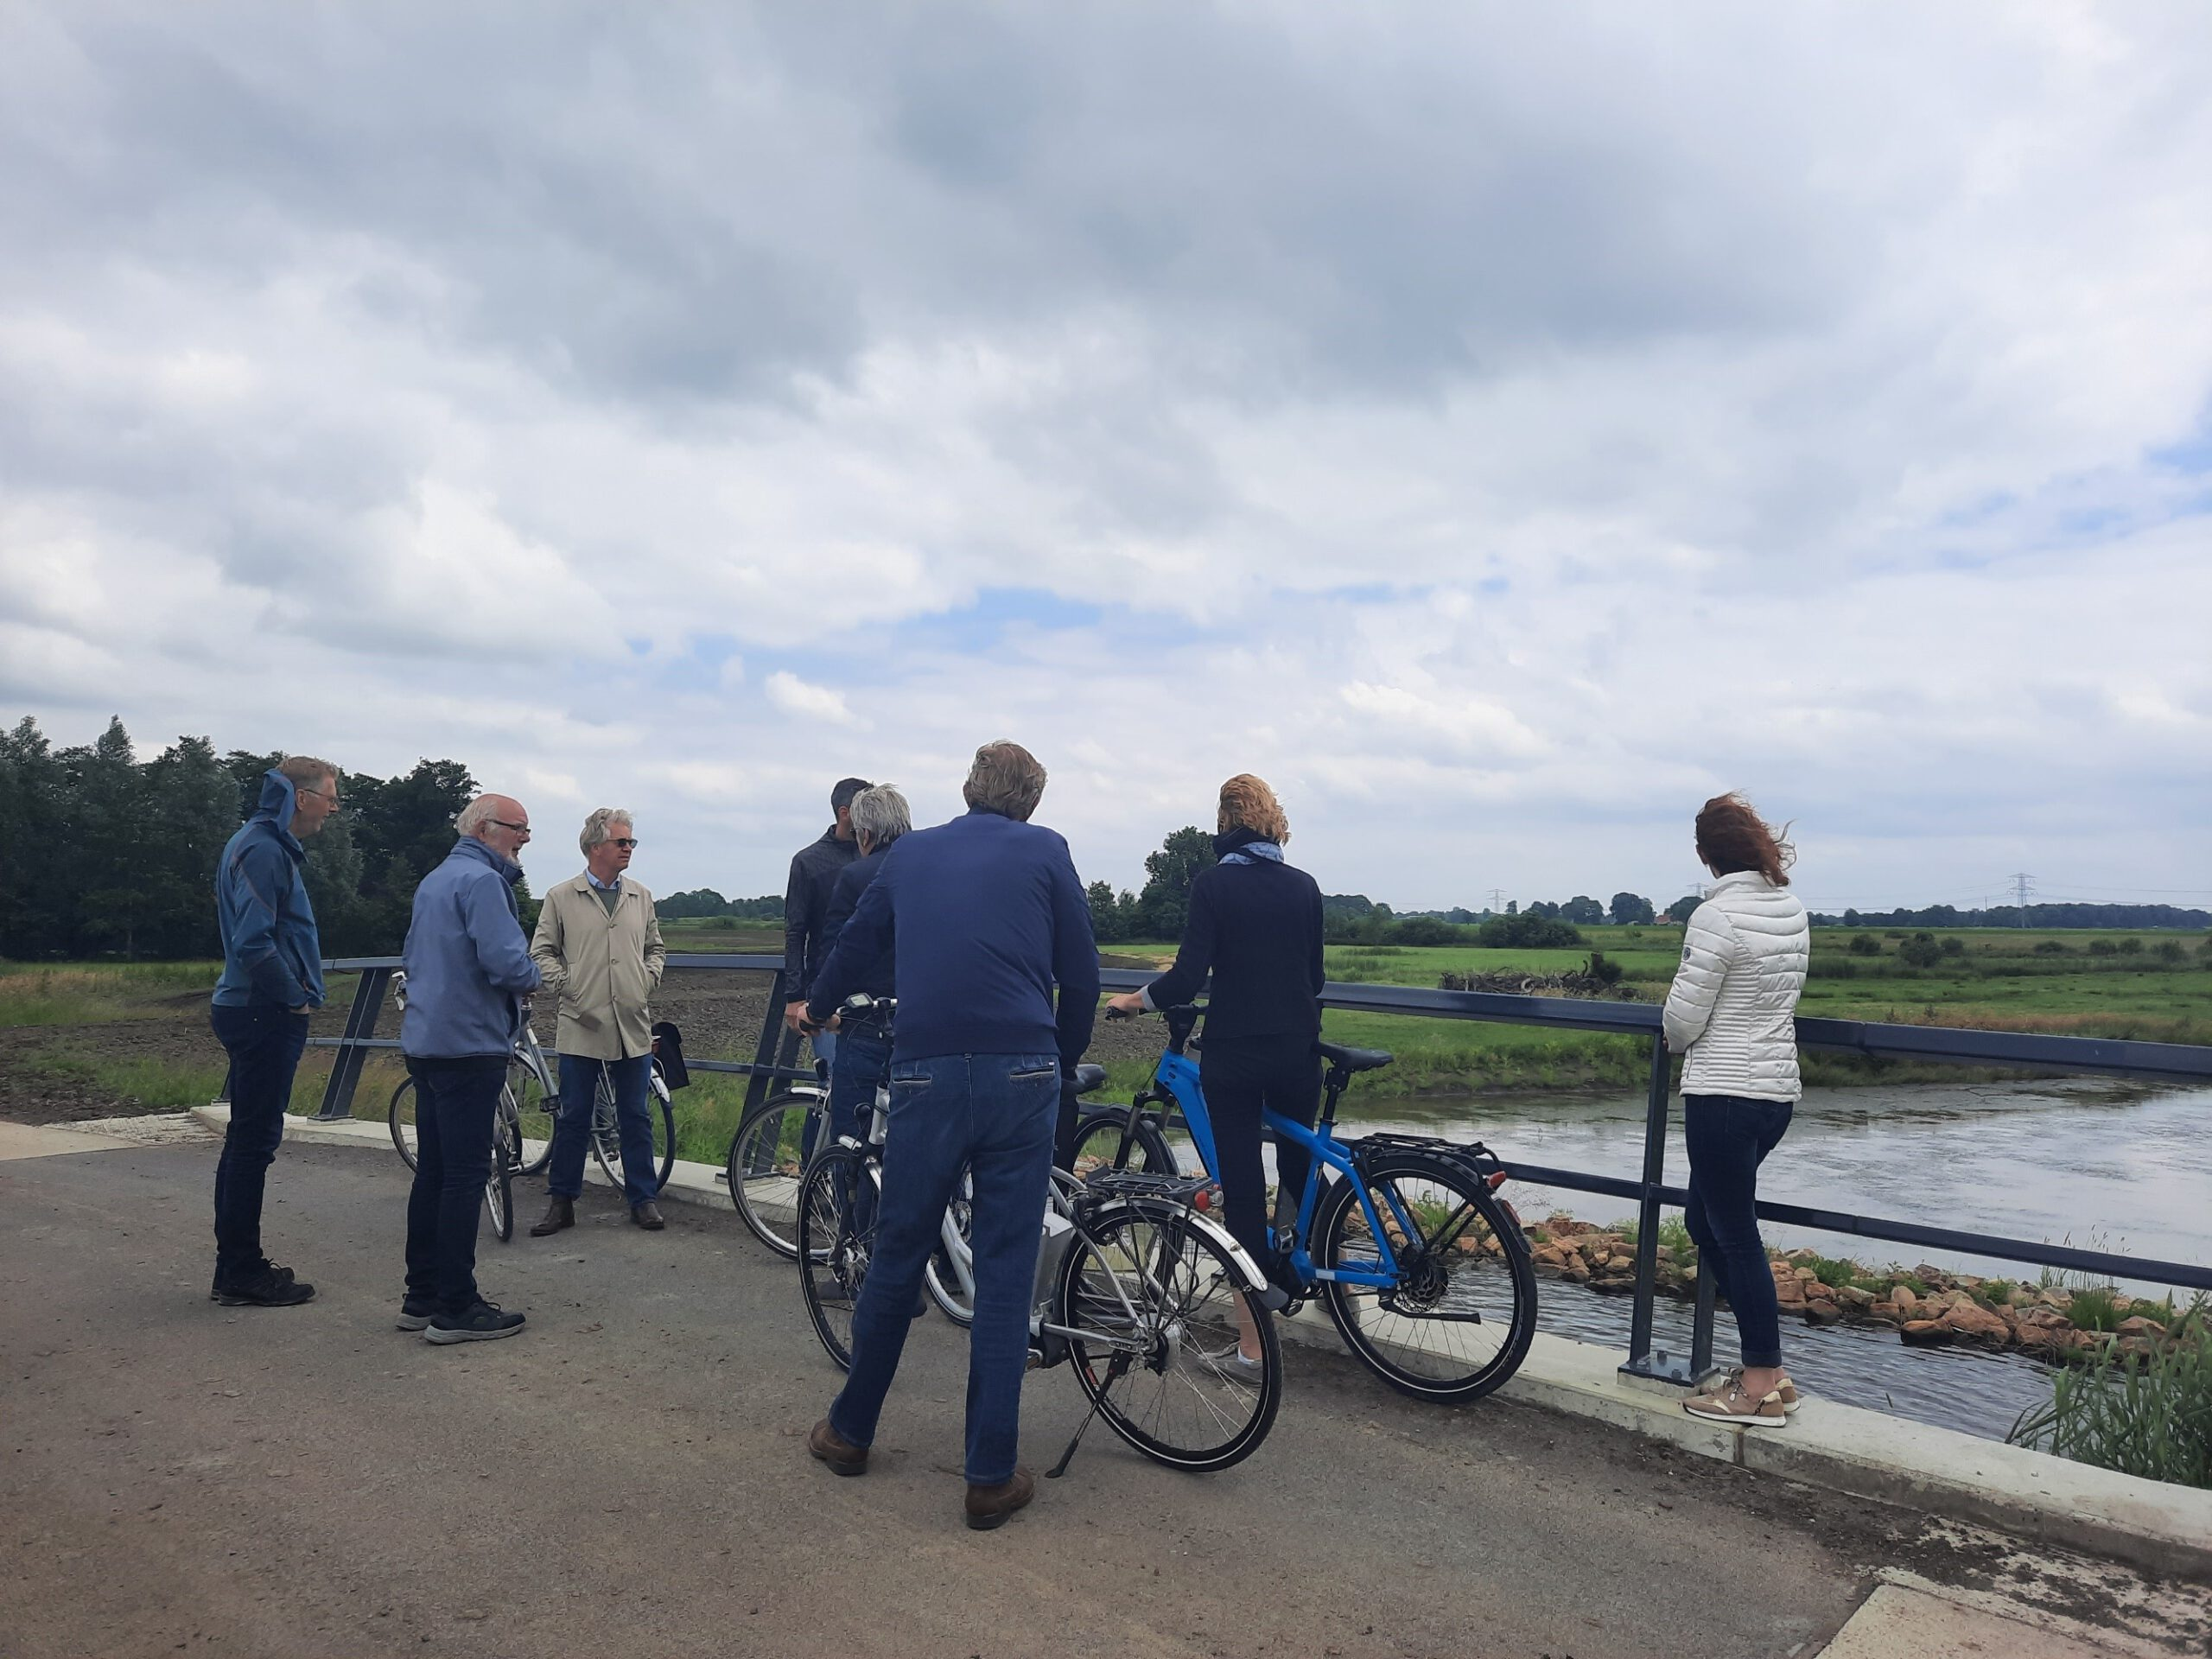 De fietsers kijken uit over de omgeving